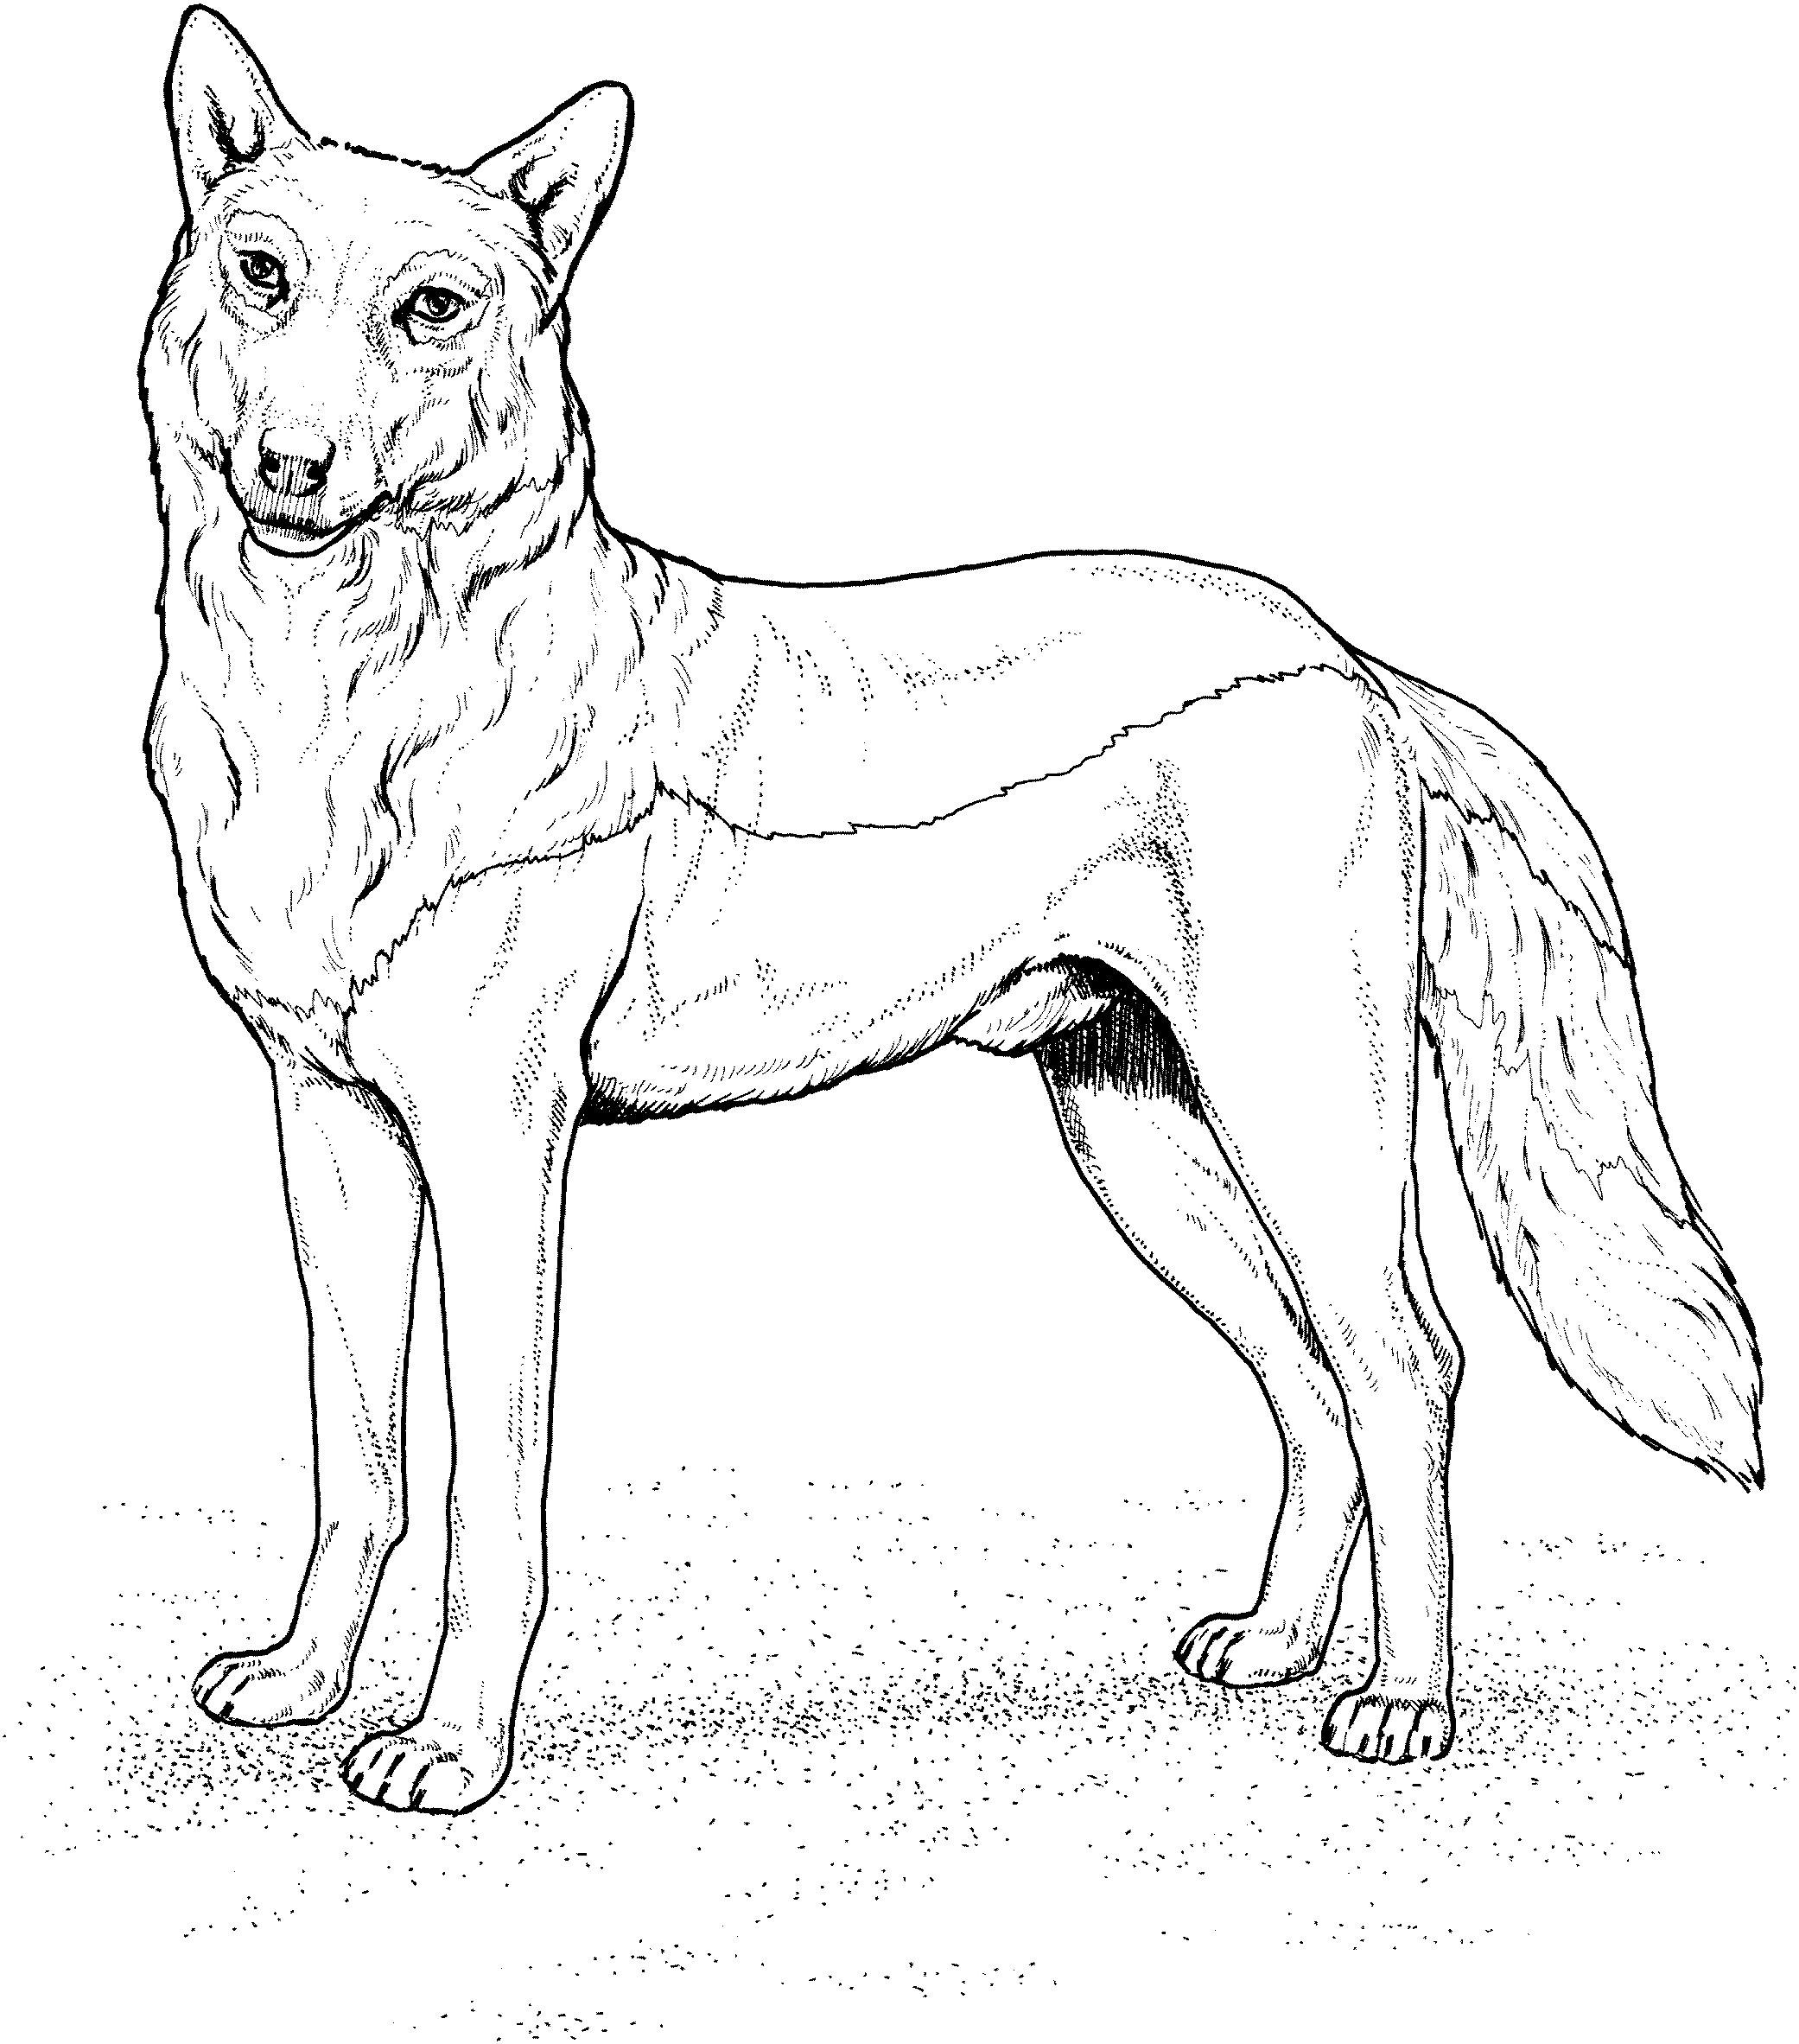 Wolf Bilder Zum Ausmalen Genial 32 Fantastisch Ausmalbild Wolf – Malvorlagen Ideen Fotografieren